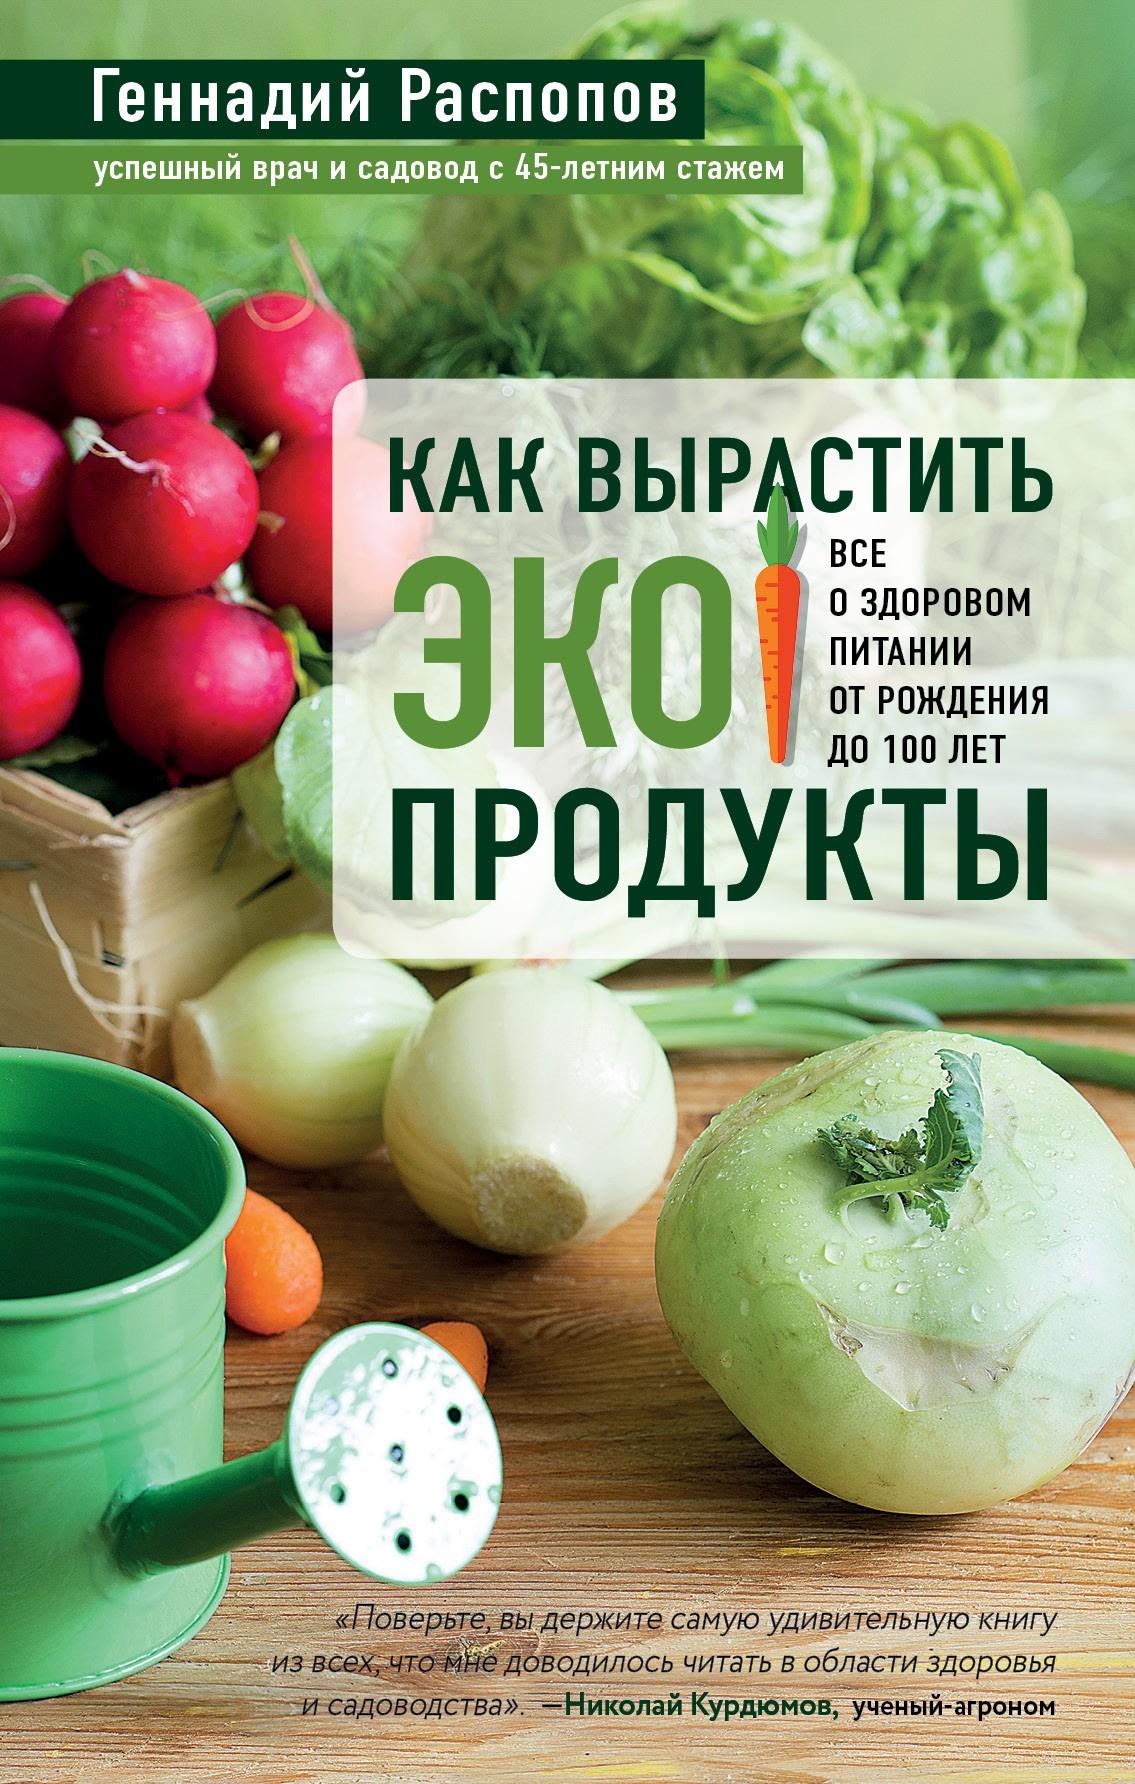 Купить книгу Как вырастить экопродукты. Все о здоровом питании от рождения до 100 лет, автора Геннадия Распопова